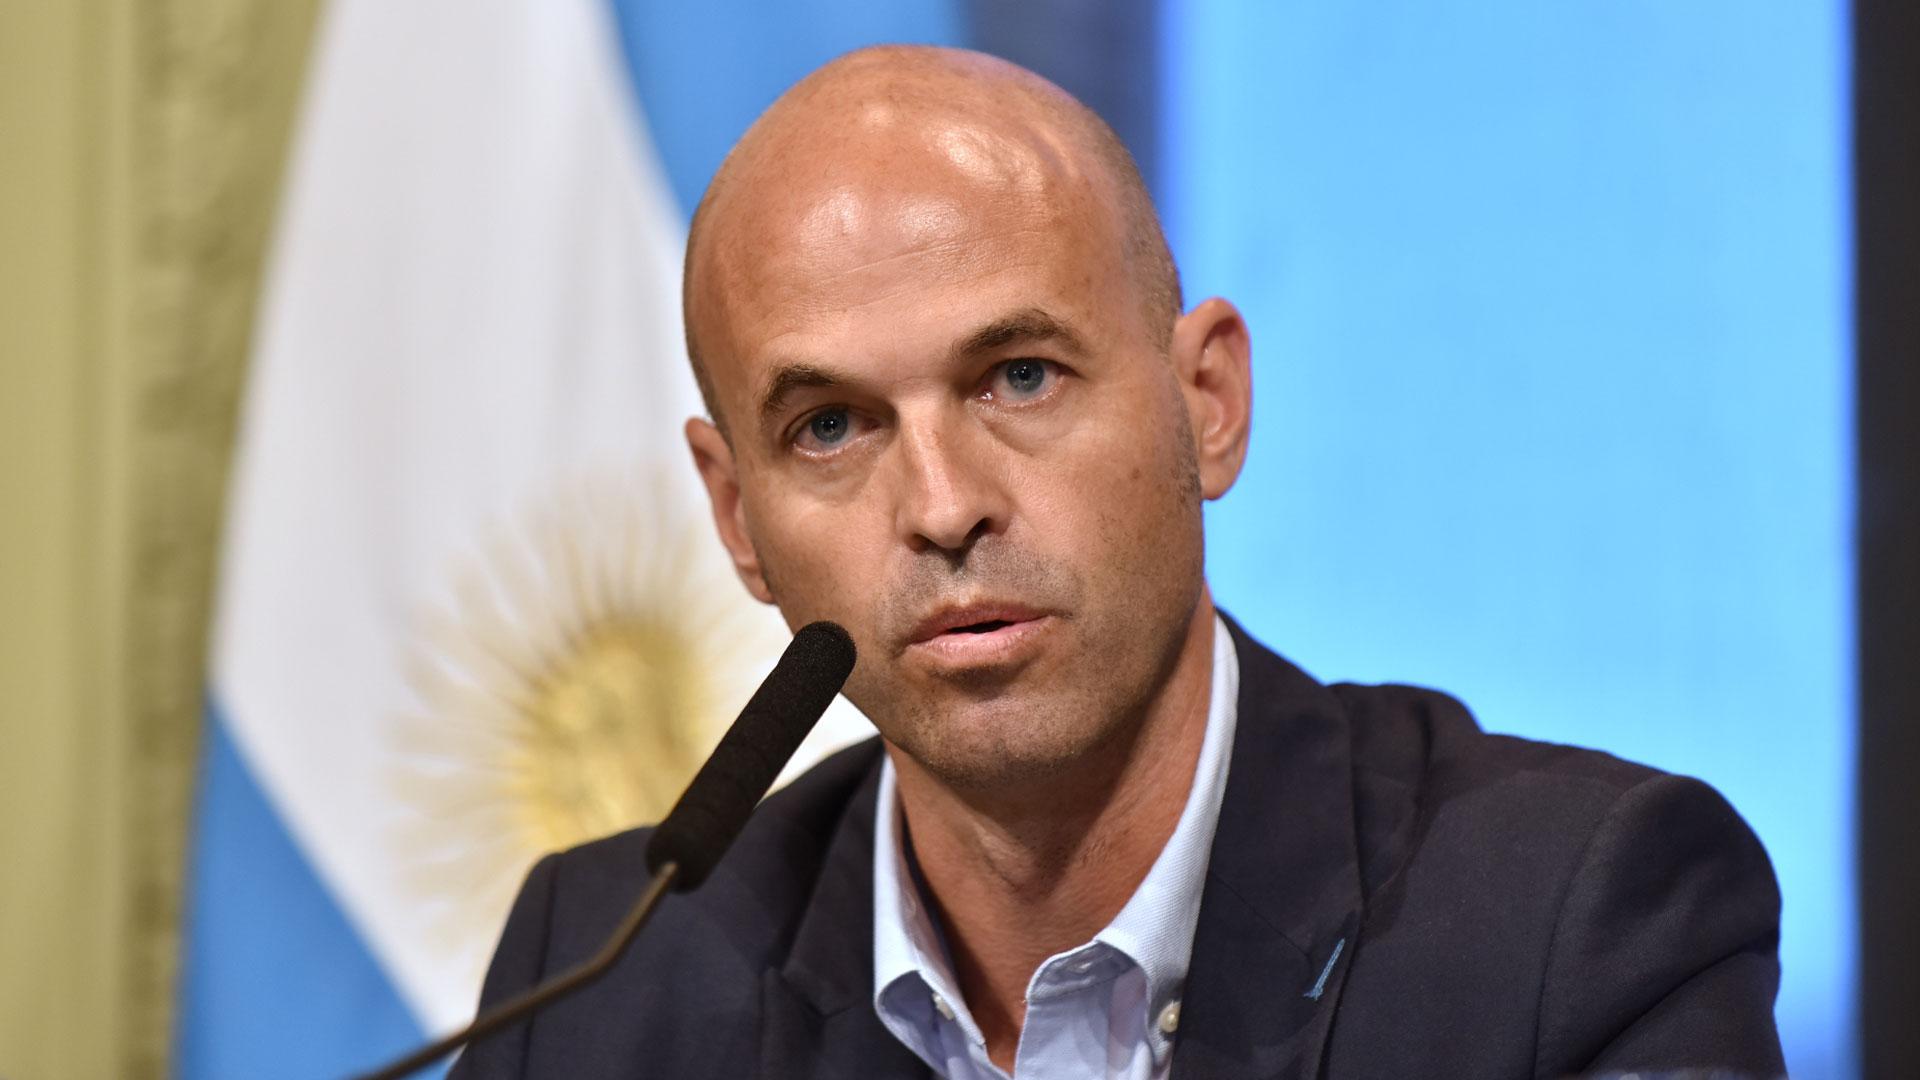 Guillermo Dietrich, ministro de Transporte, se aseguró las primeras partidas para su ambicioso plan de obras de infraestructura vial y ferroviaria (Adrián Escandar)